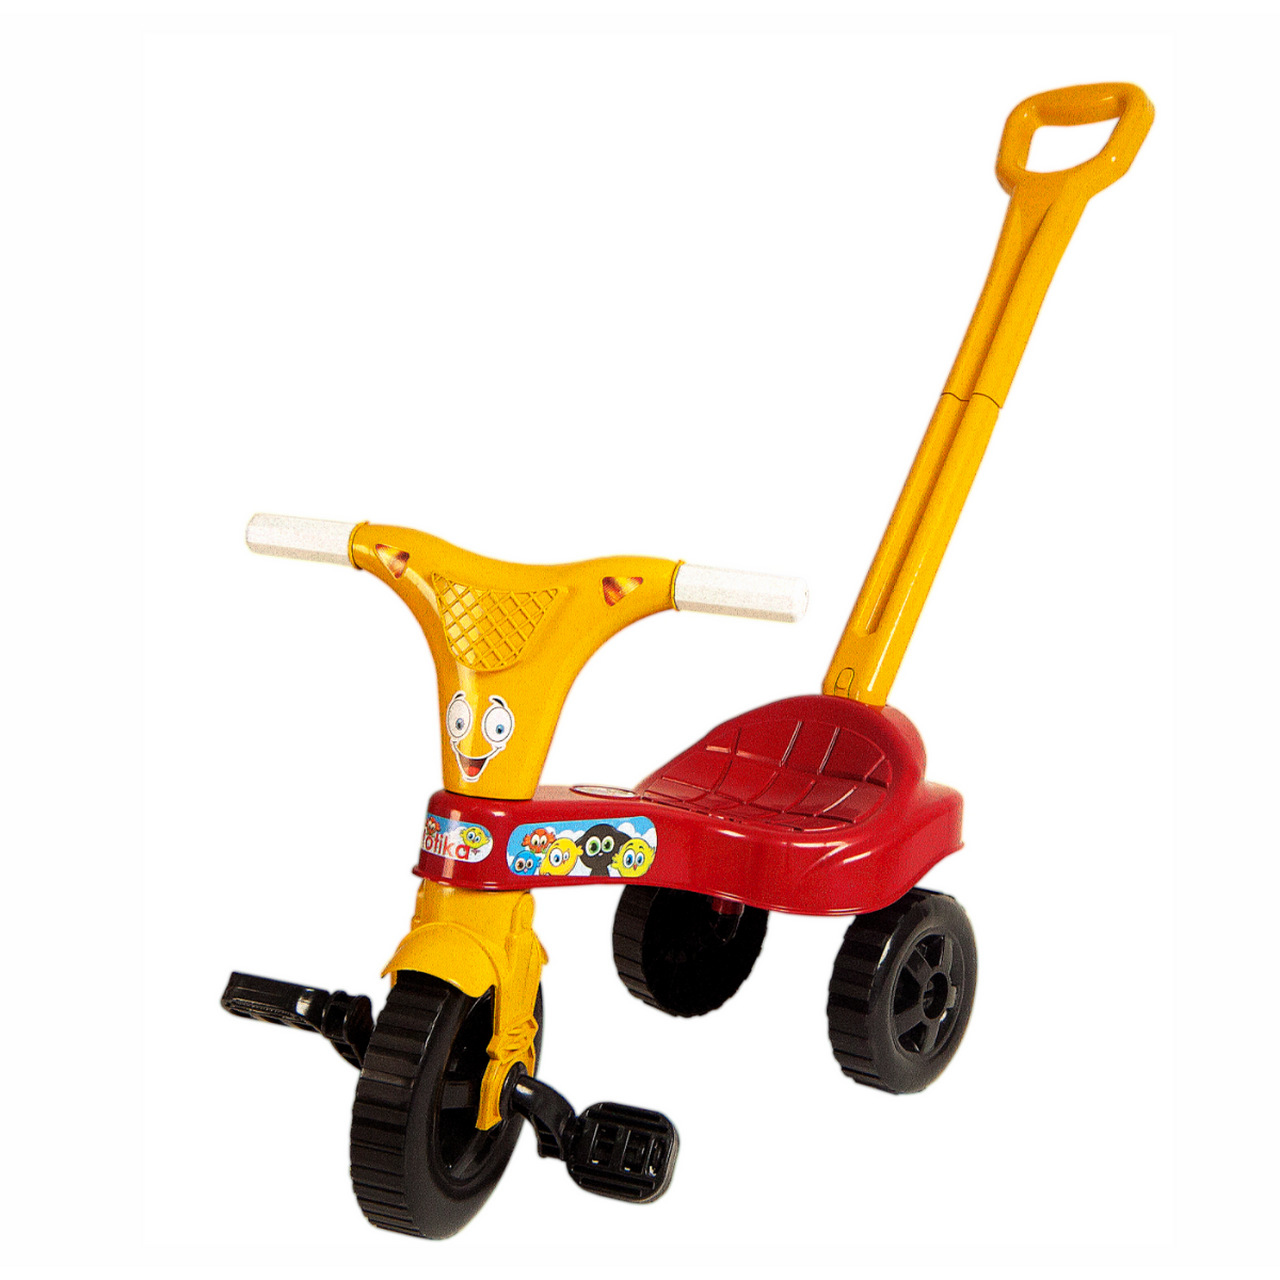 Motika Vermelha Tico Tico Triciclo c/ Haste